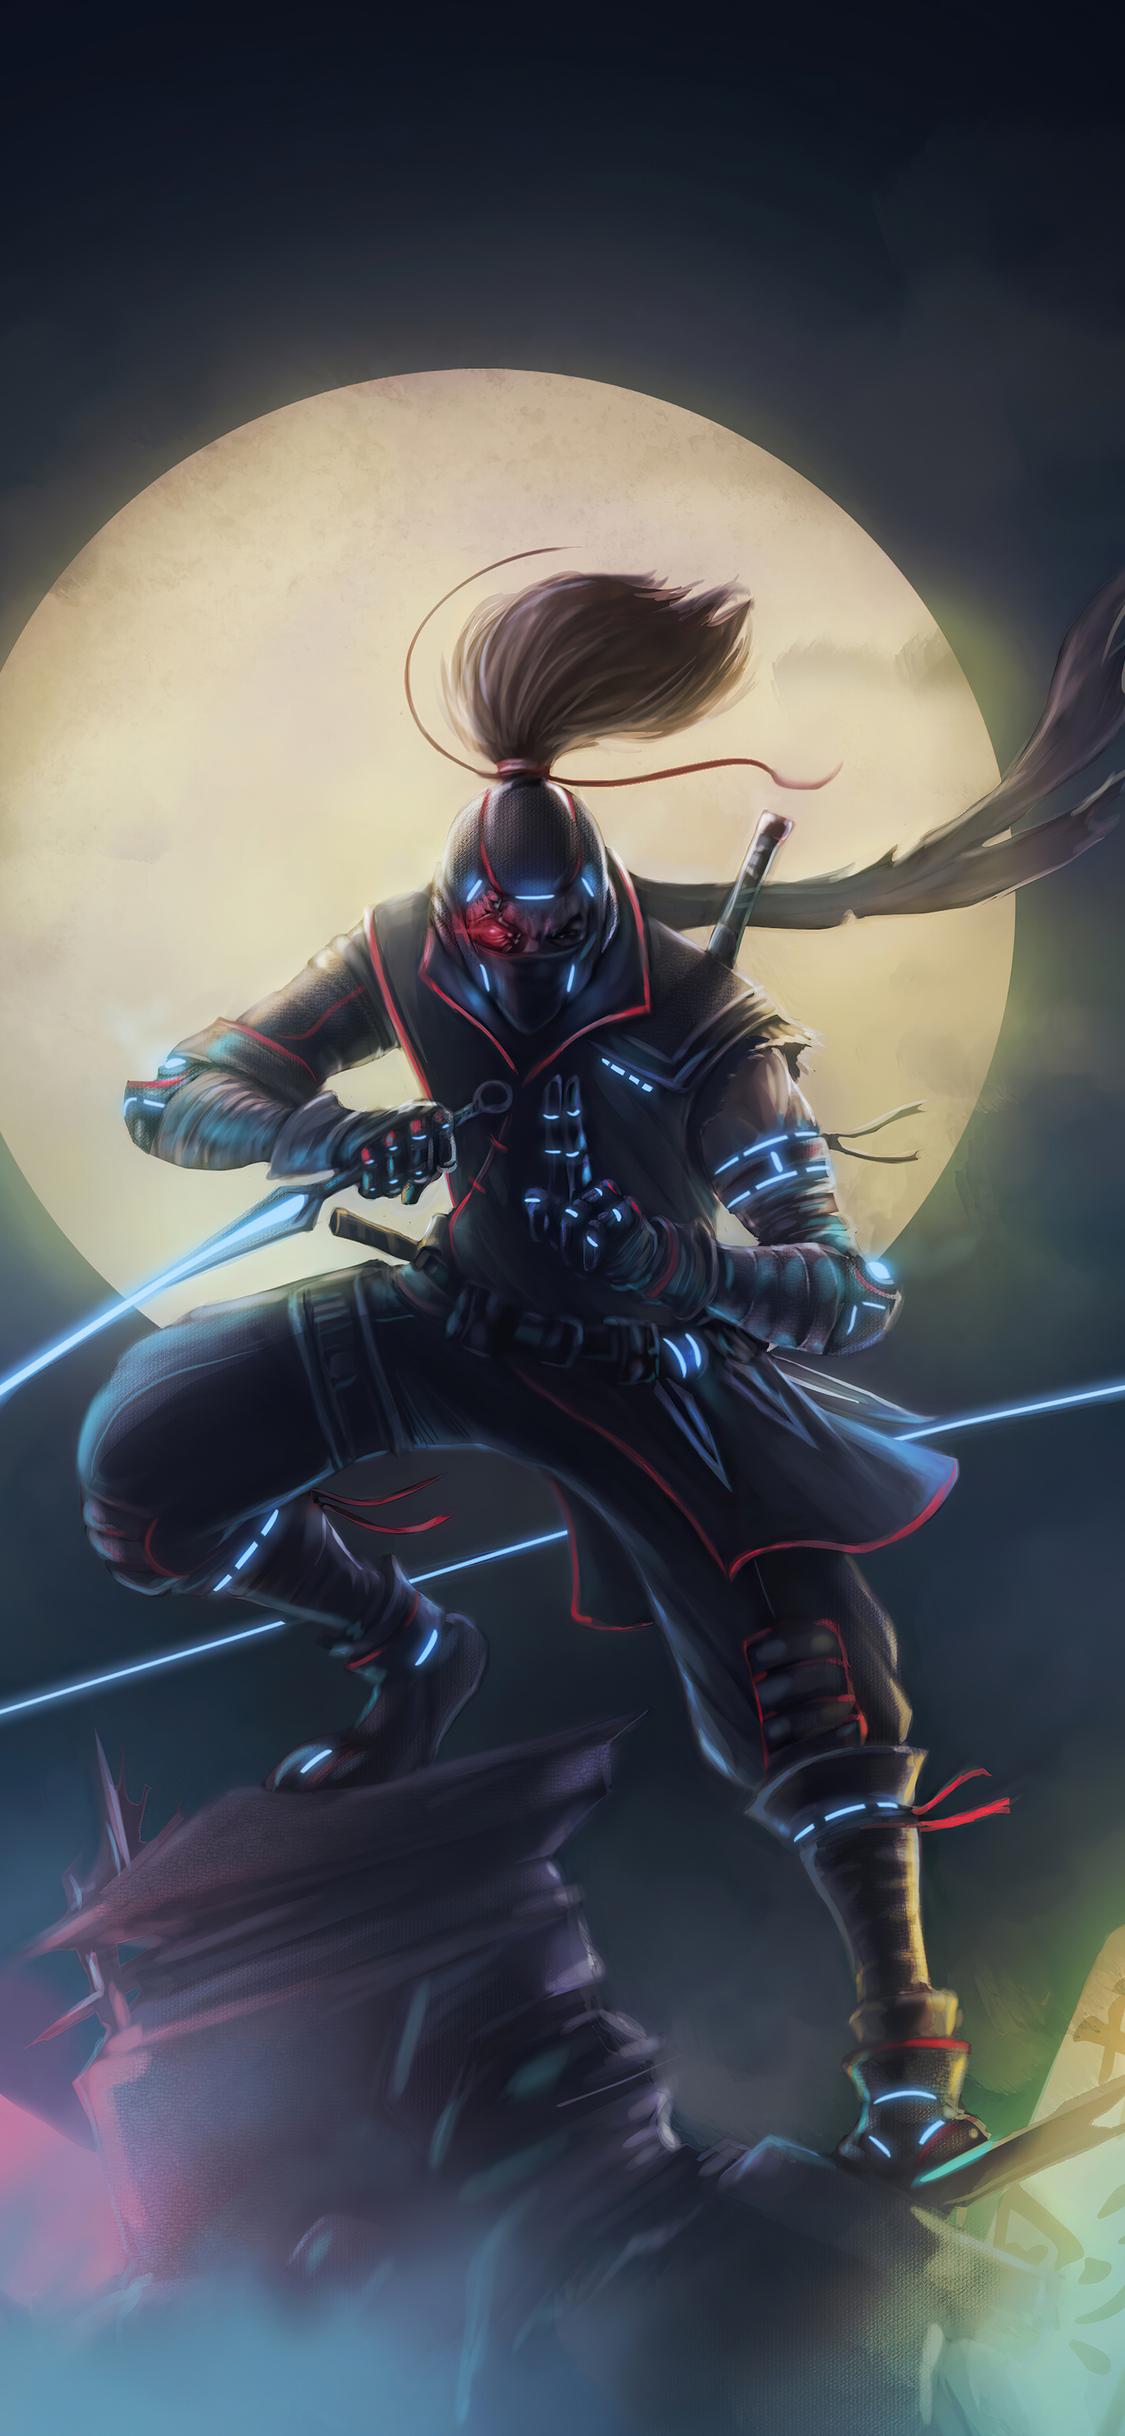 cyberpunk-ninja-super-move-4k-0r.jpg